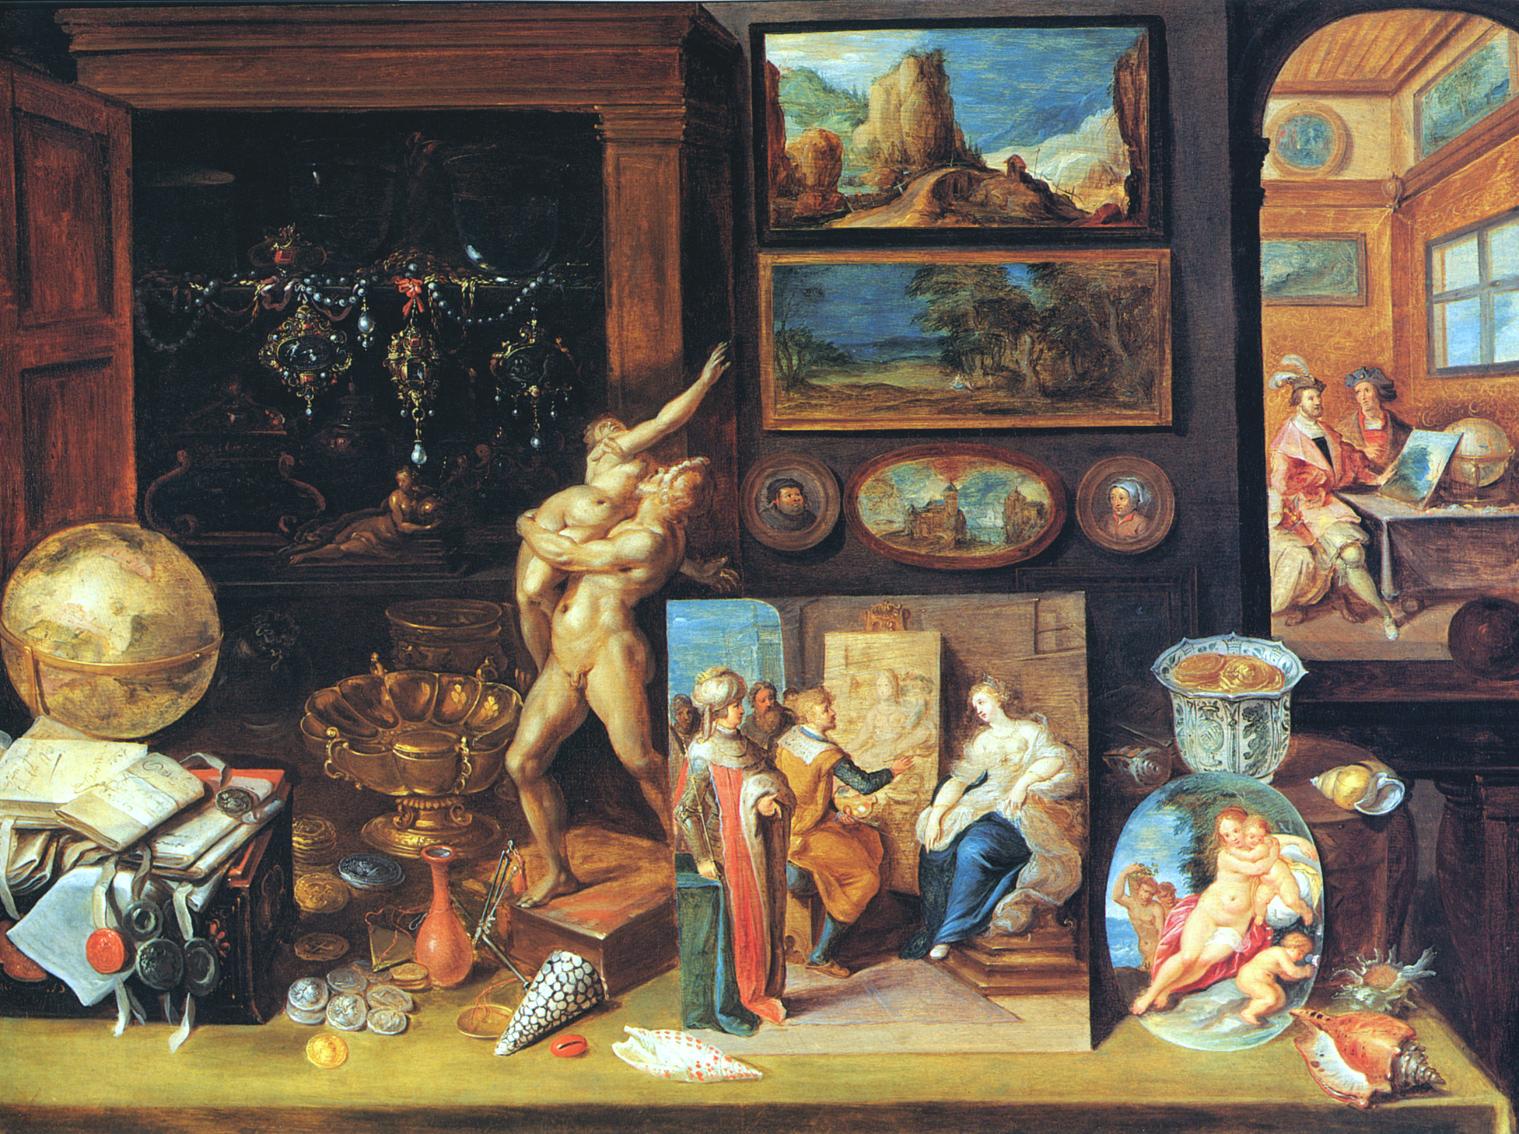 File:Frans Francken (II), A Collector's Cabinet (1625).jpg